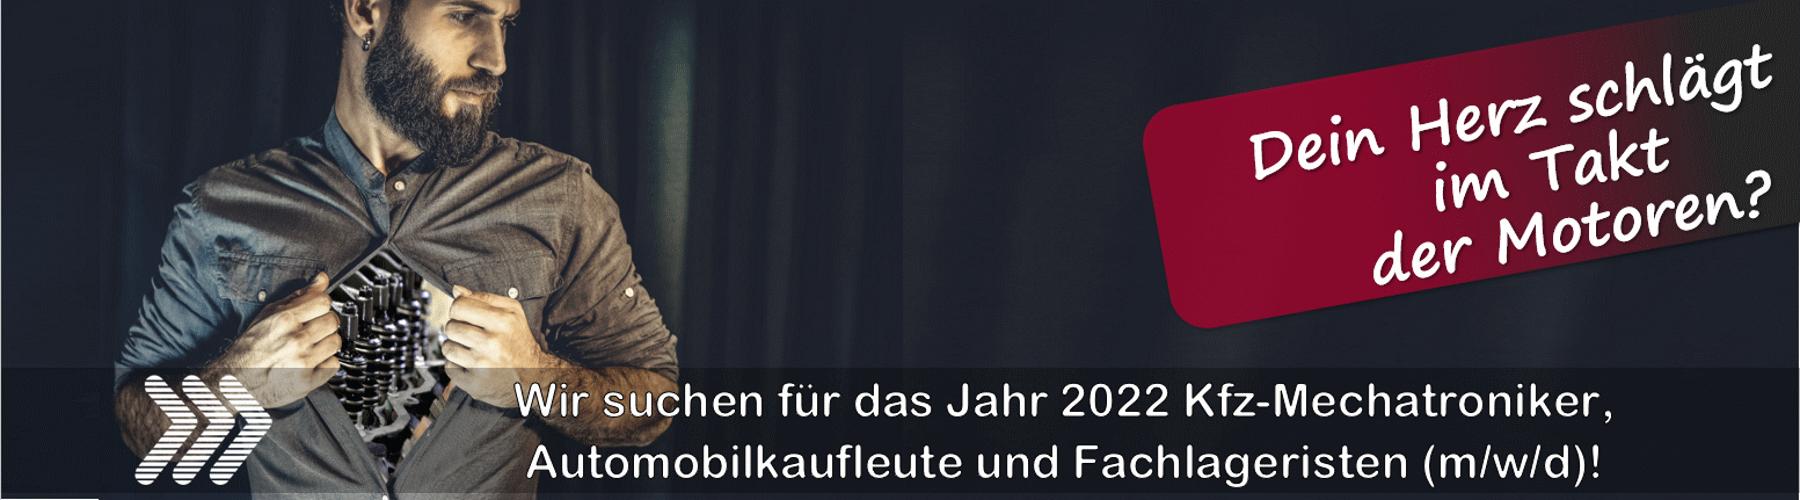 Azubis 2022 Ausbildung